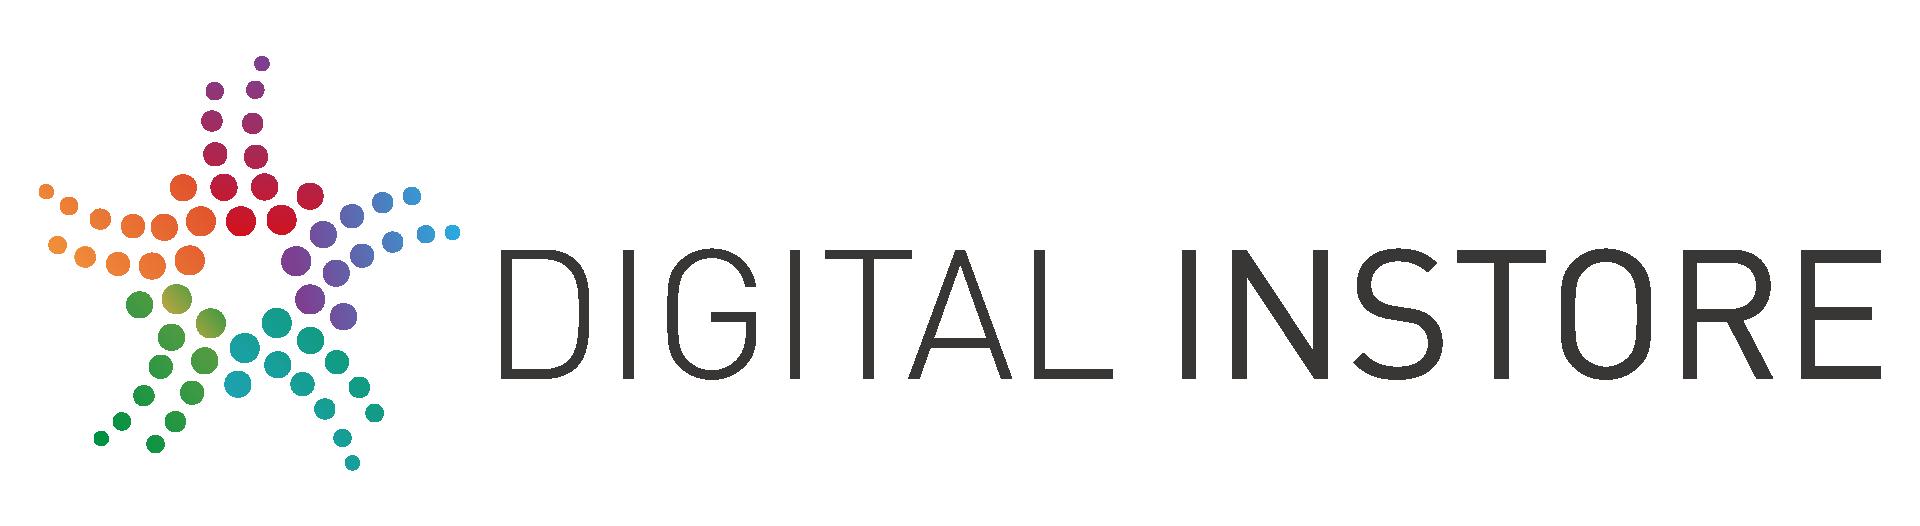 Digital Instore